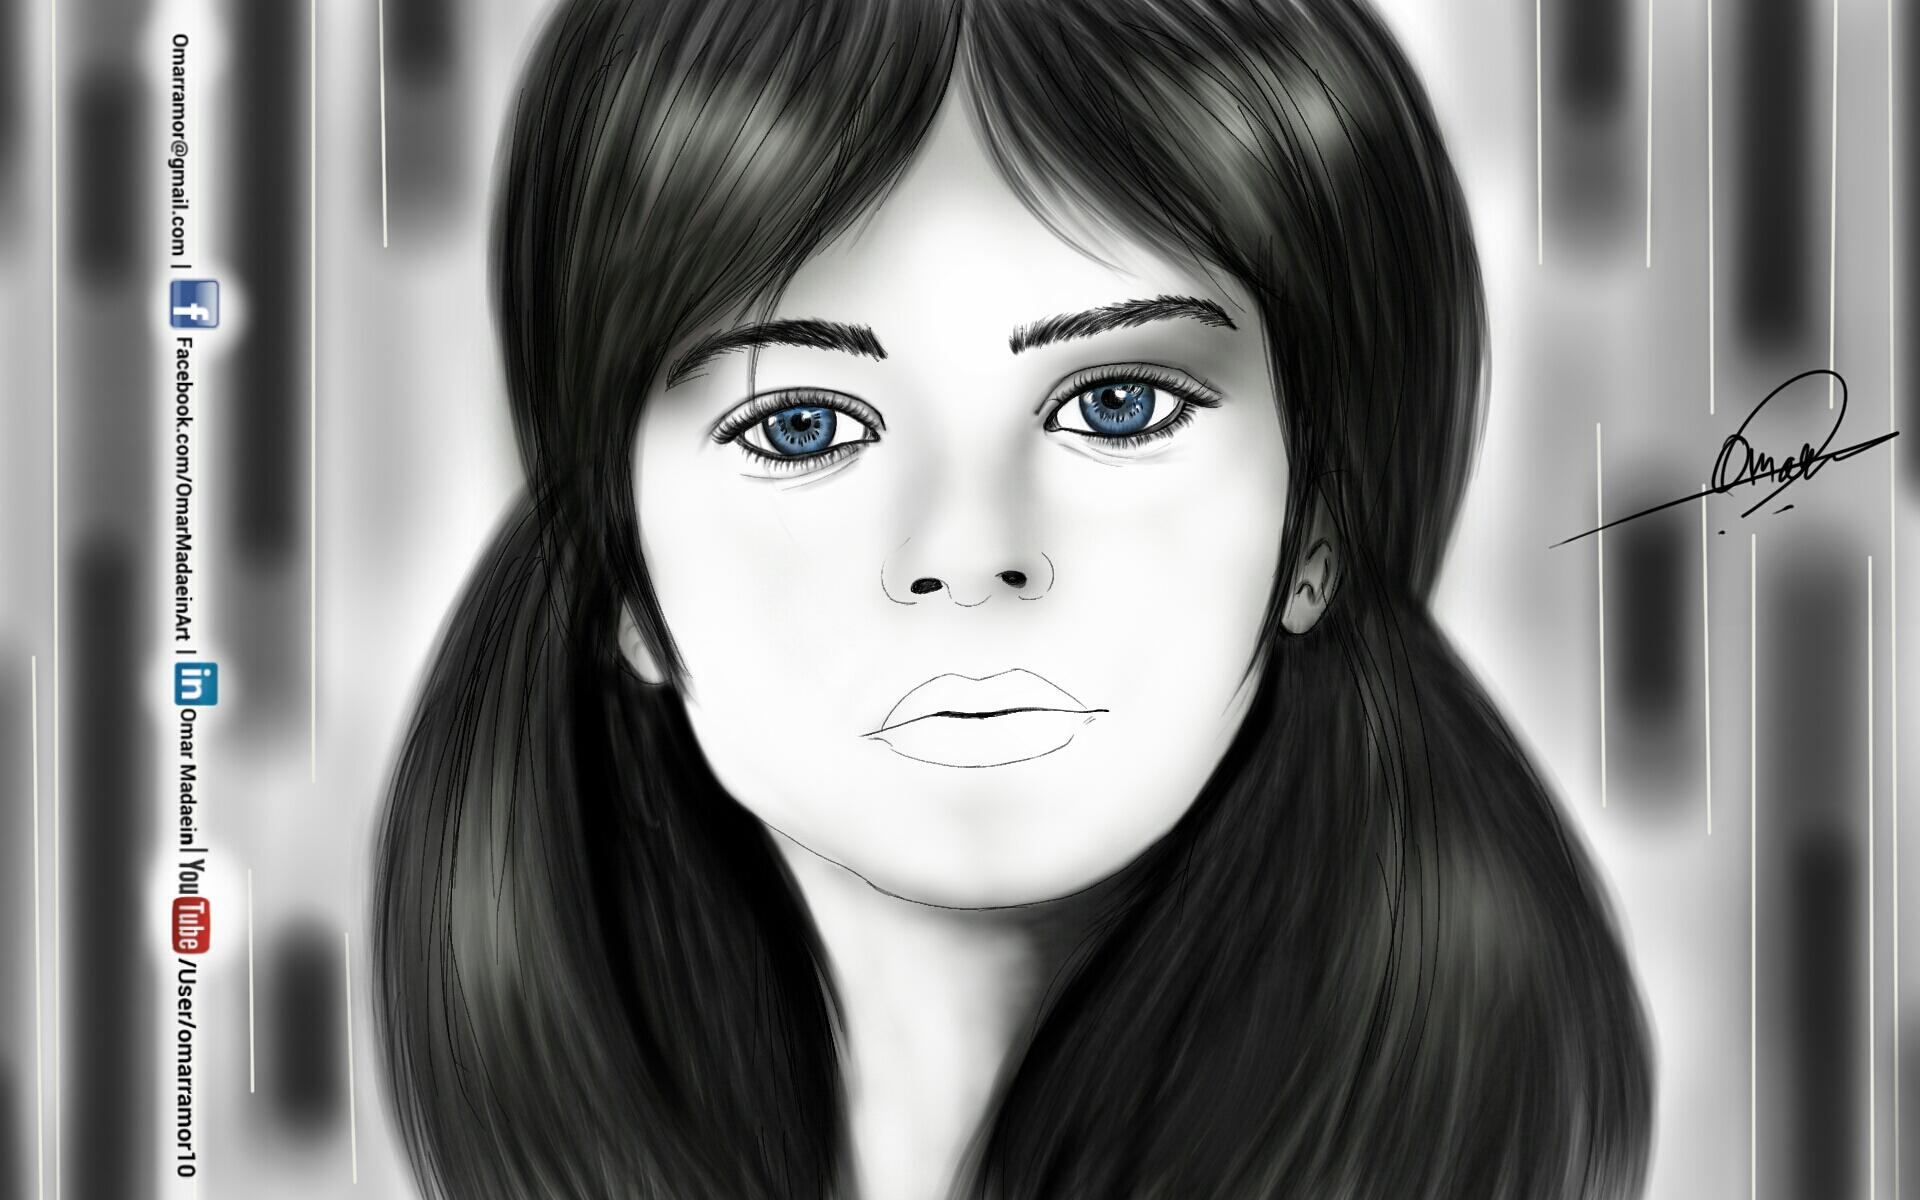 Blue eyes - Drawing By Omar Ma